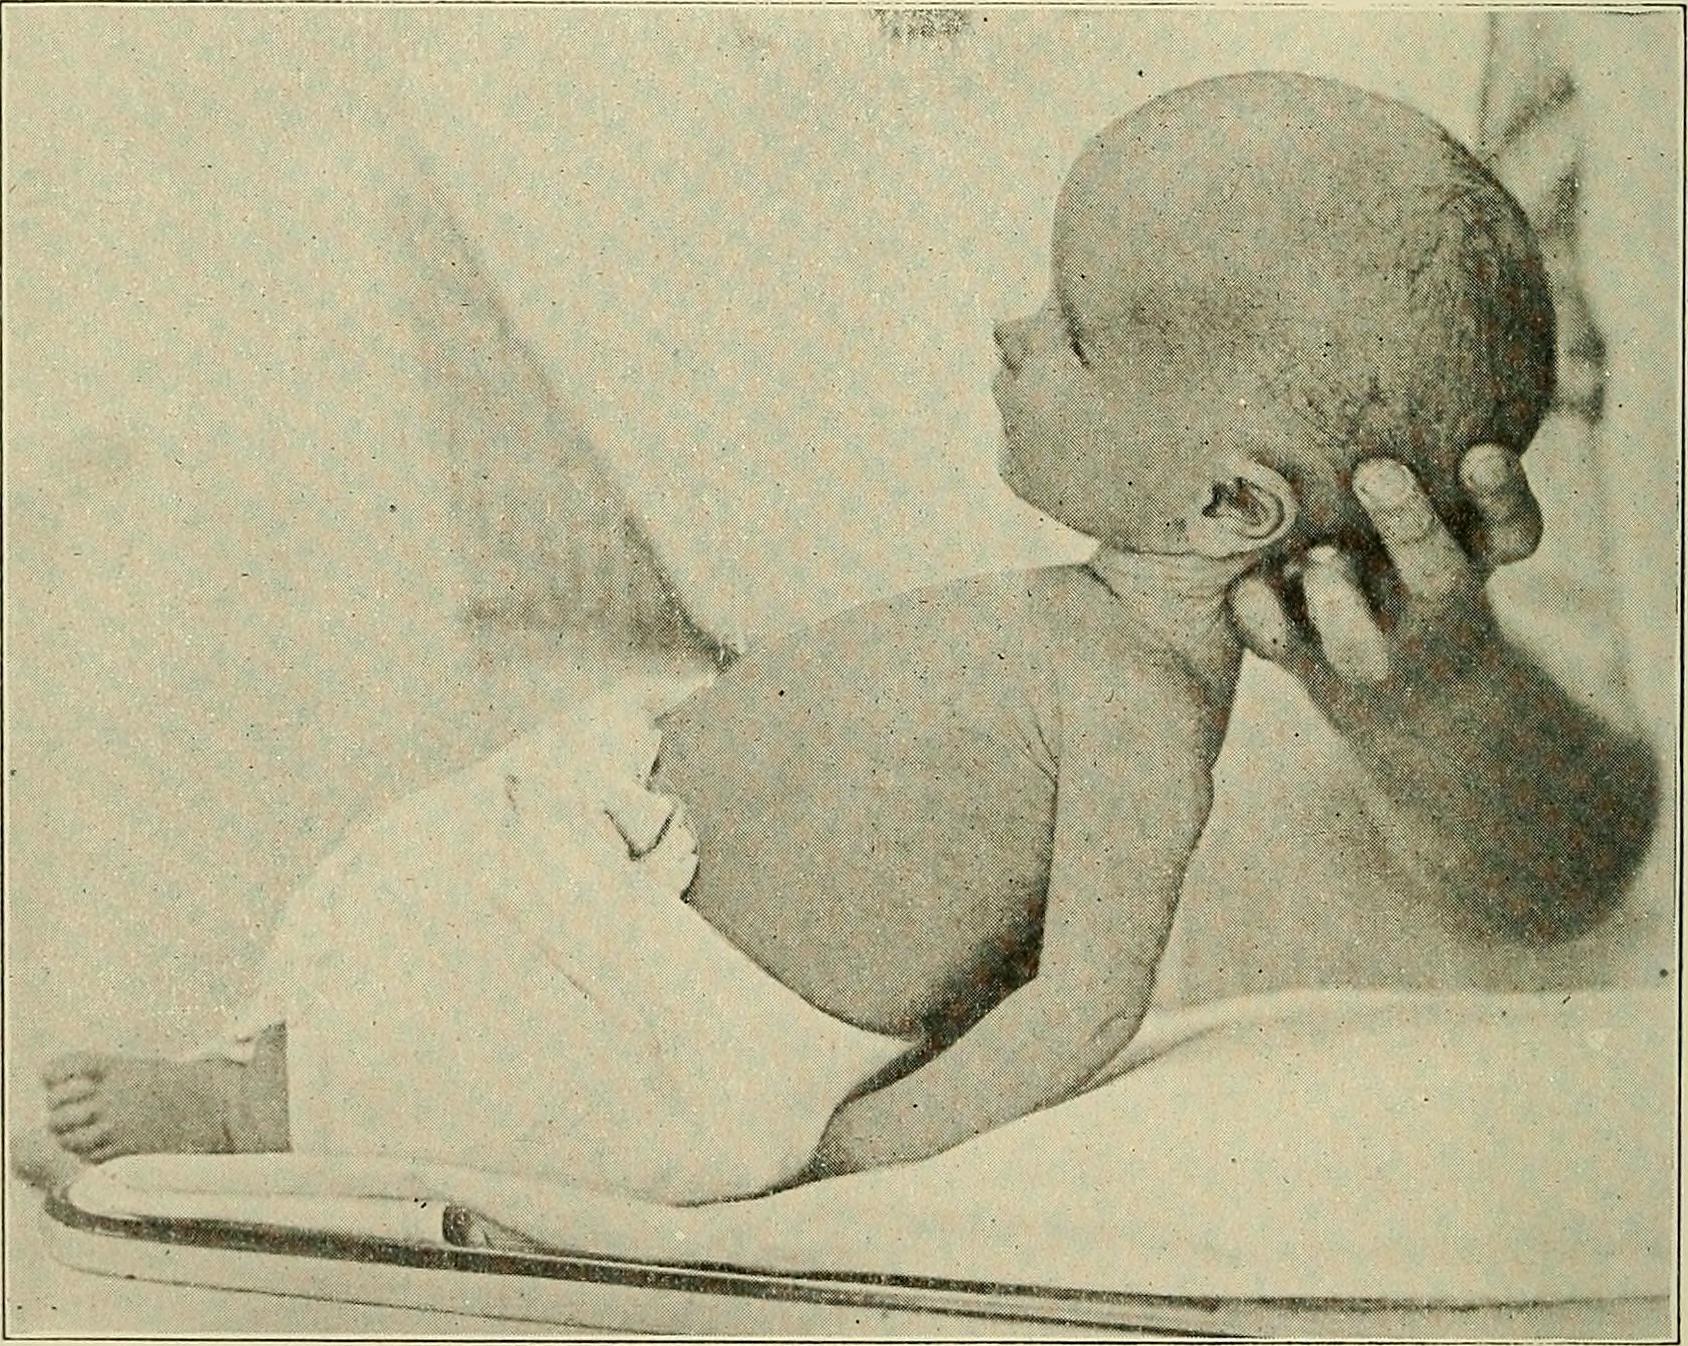 Hidrocefalia post meningitis